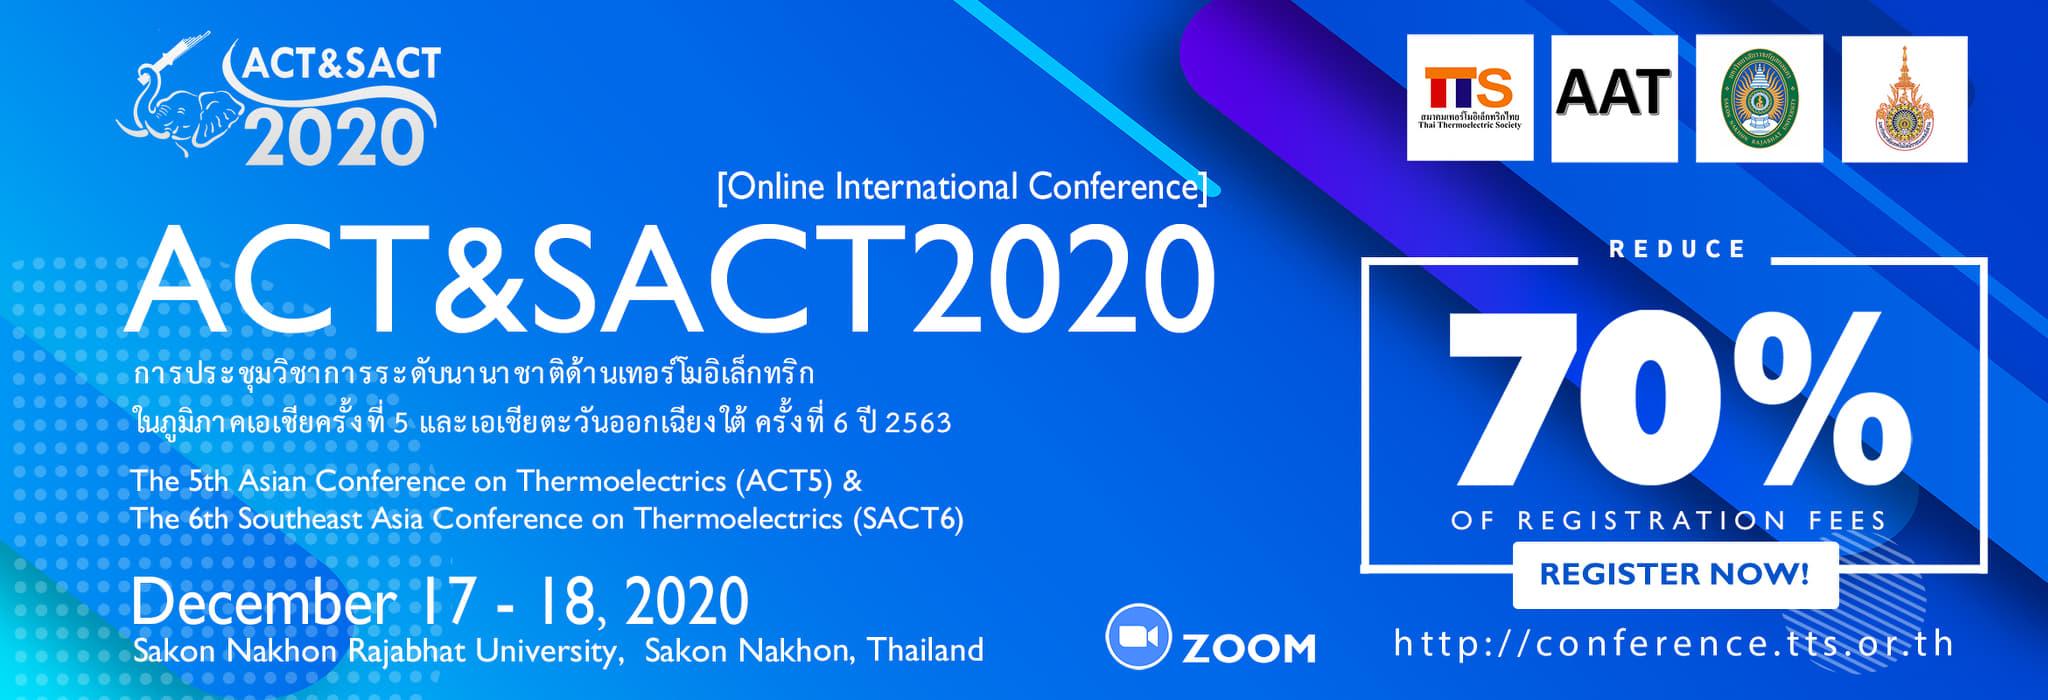 ประชุมวิชาการระดับนานาชาติ ACT&SACT2020 (Online)